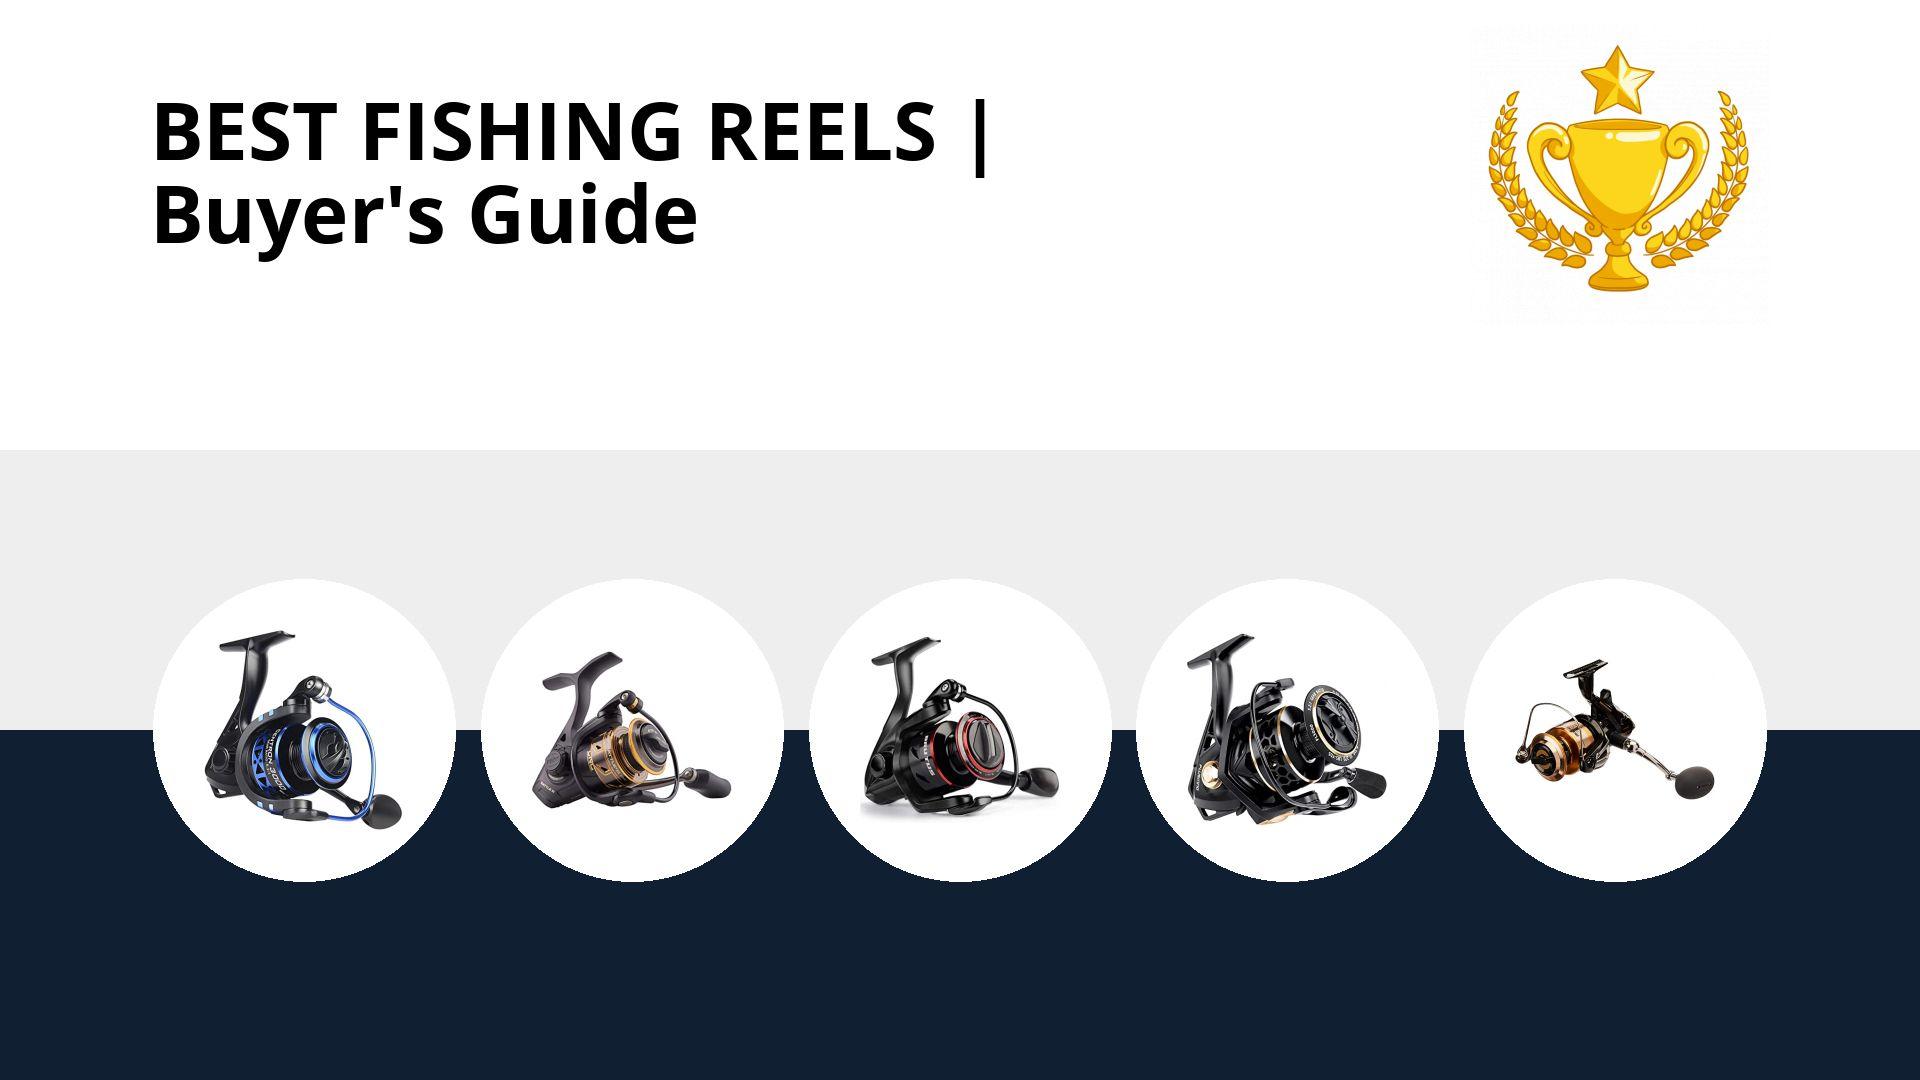 Best Fishing Reels: image